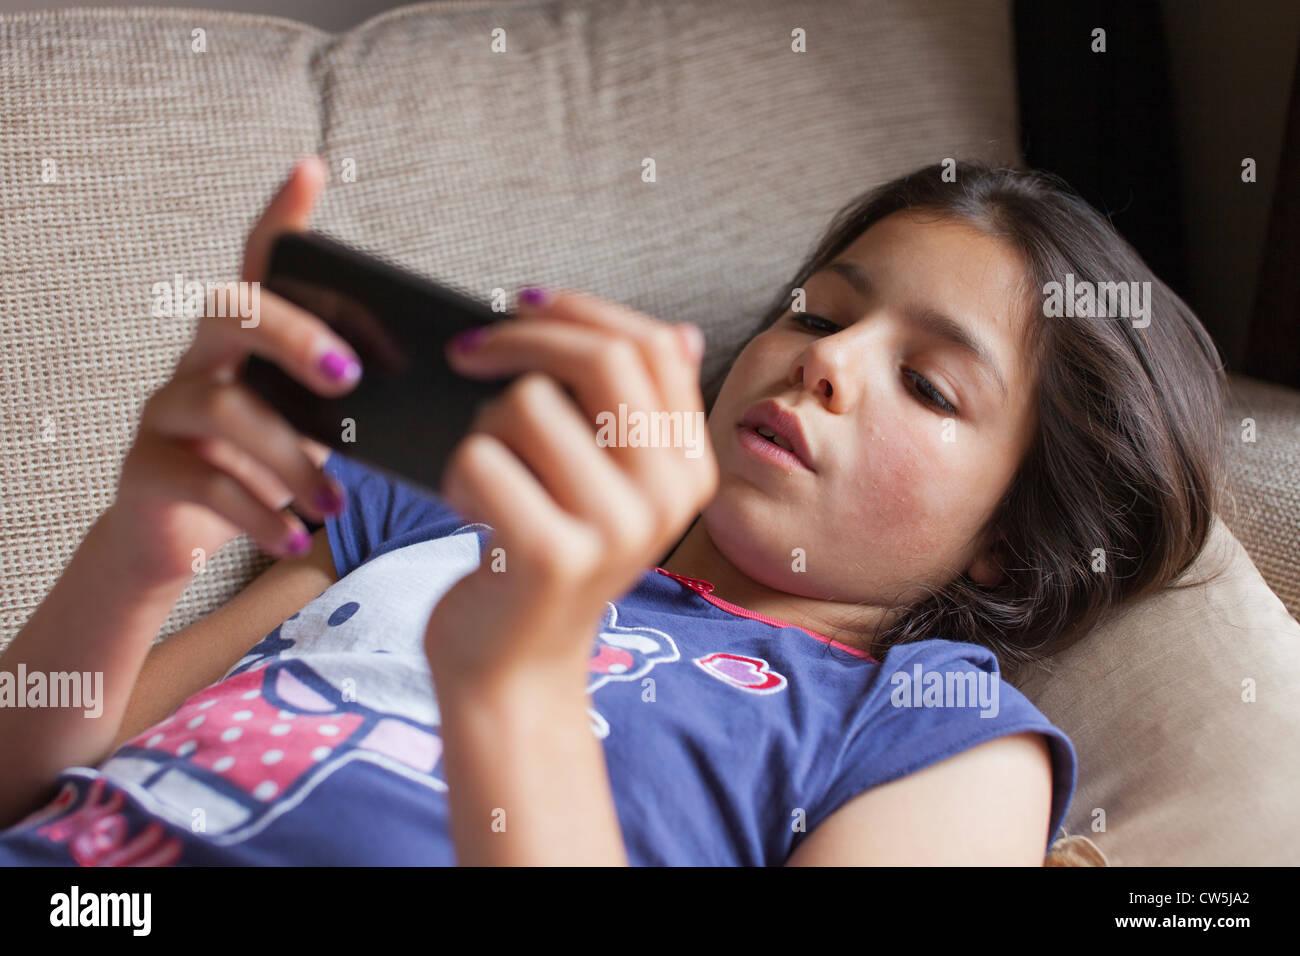 Junges Mädchen spielt auf dem Handy zu Hause Stockbild